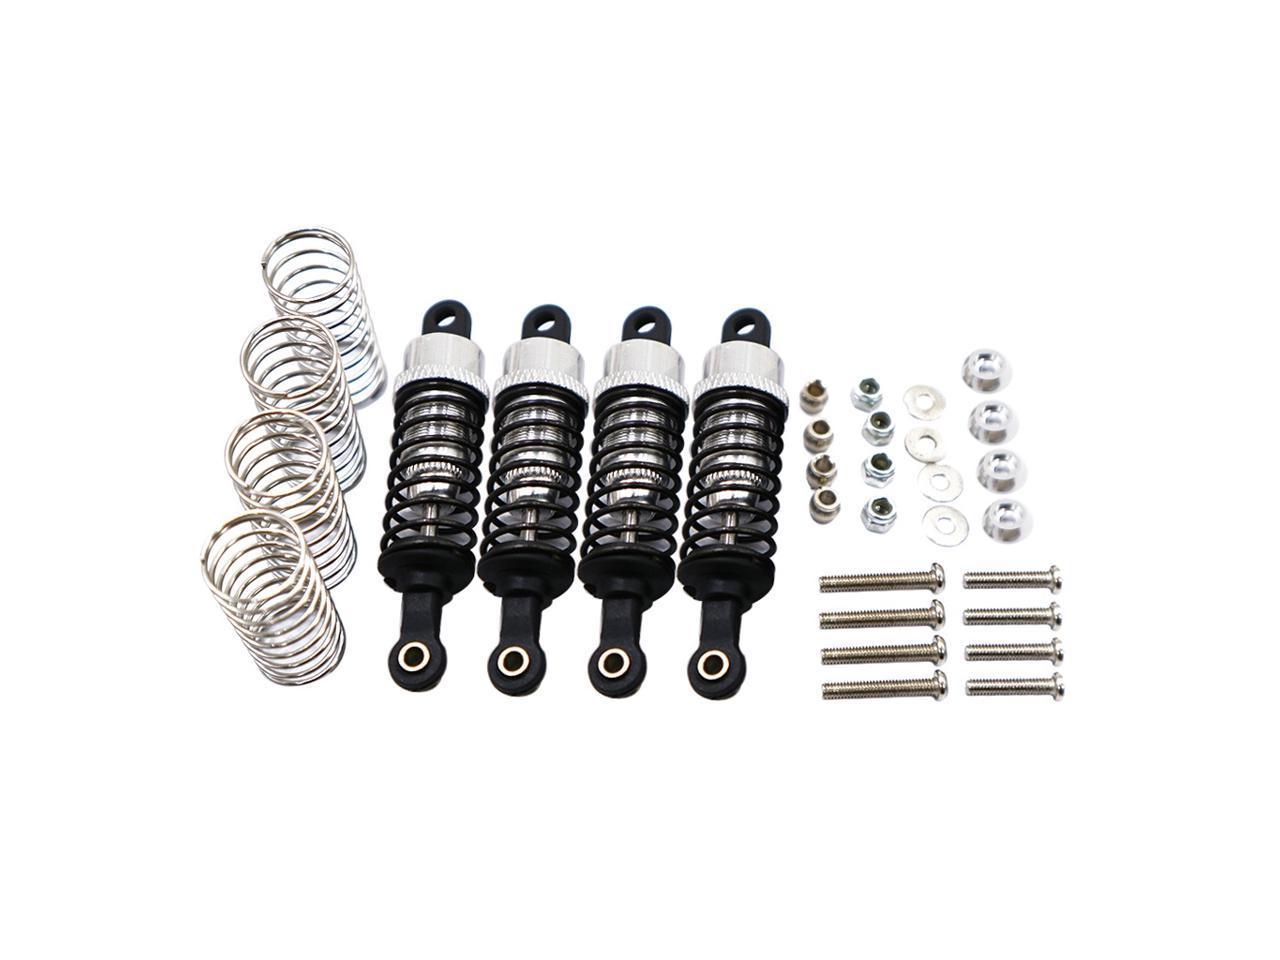 2pcs Aluminum 95mm Shock Absorber Damper for HSP 94111 94111PRO 94108 94188